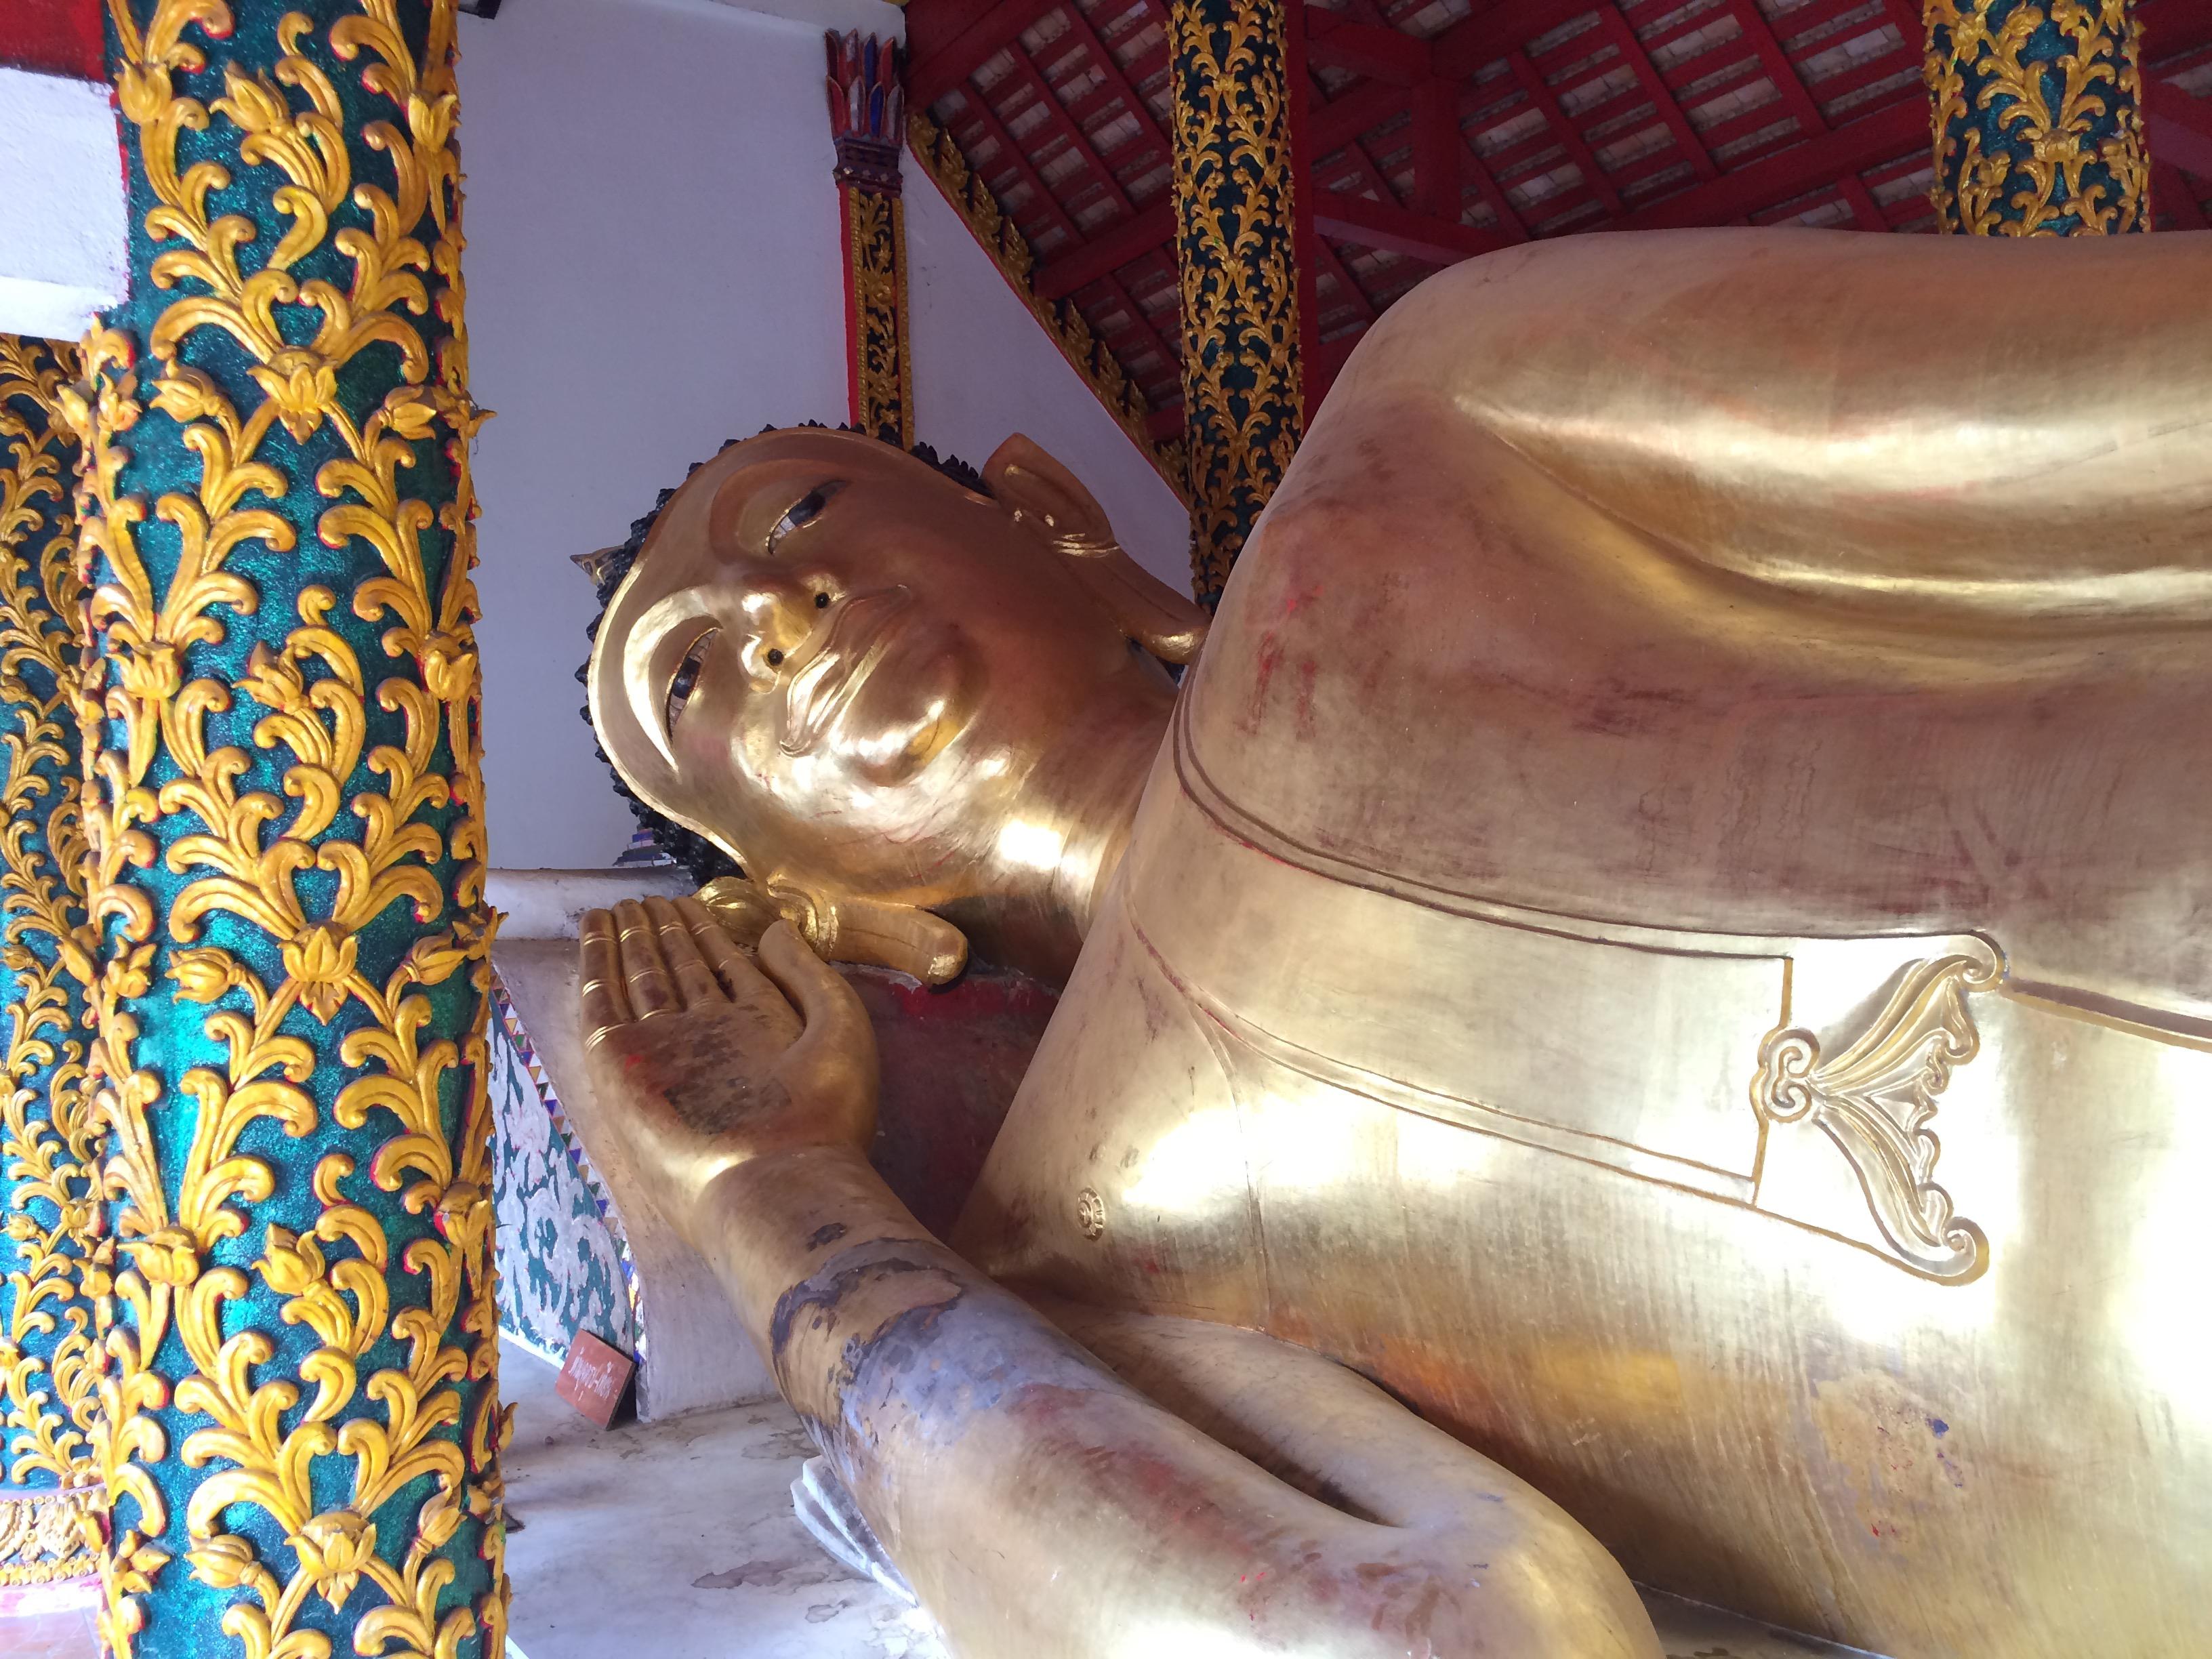 Wat Pong Sanuk Nuea